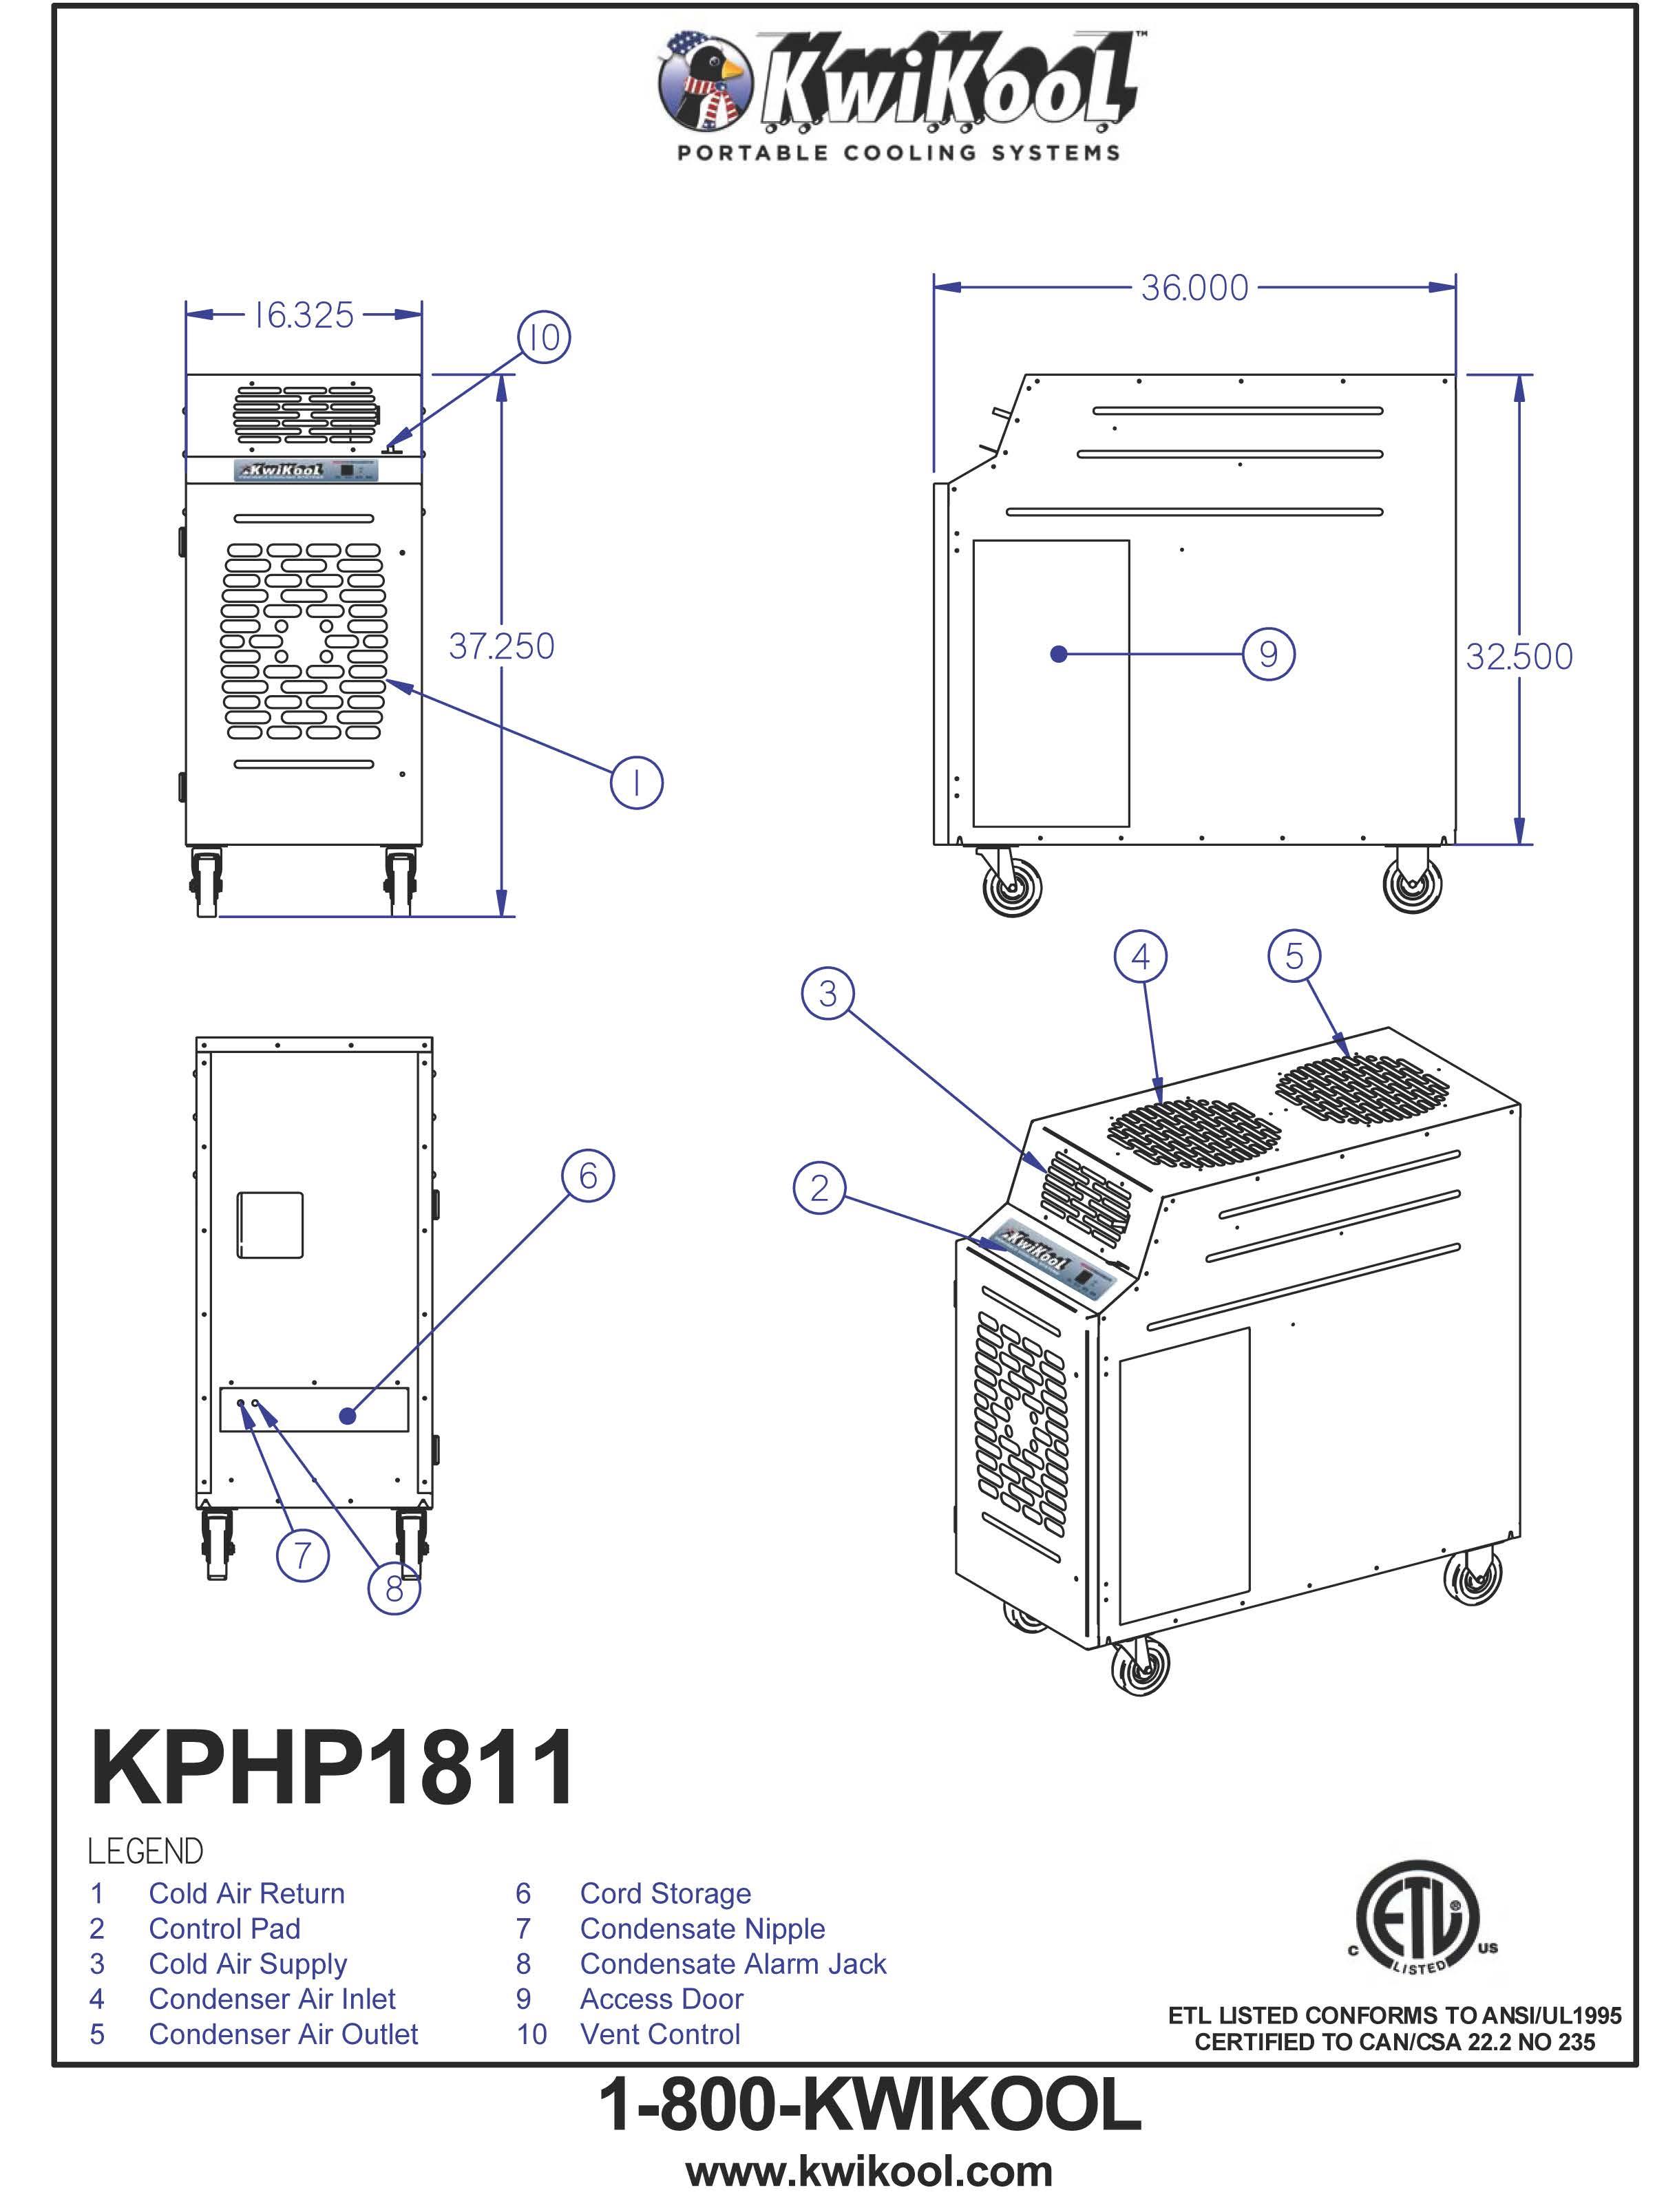 kphp1811dd